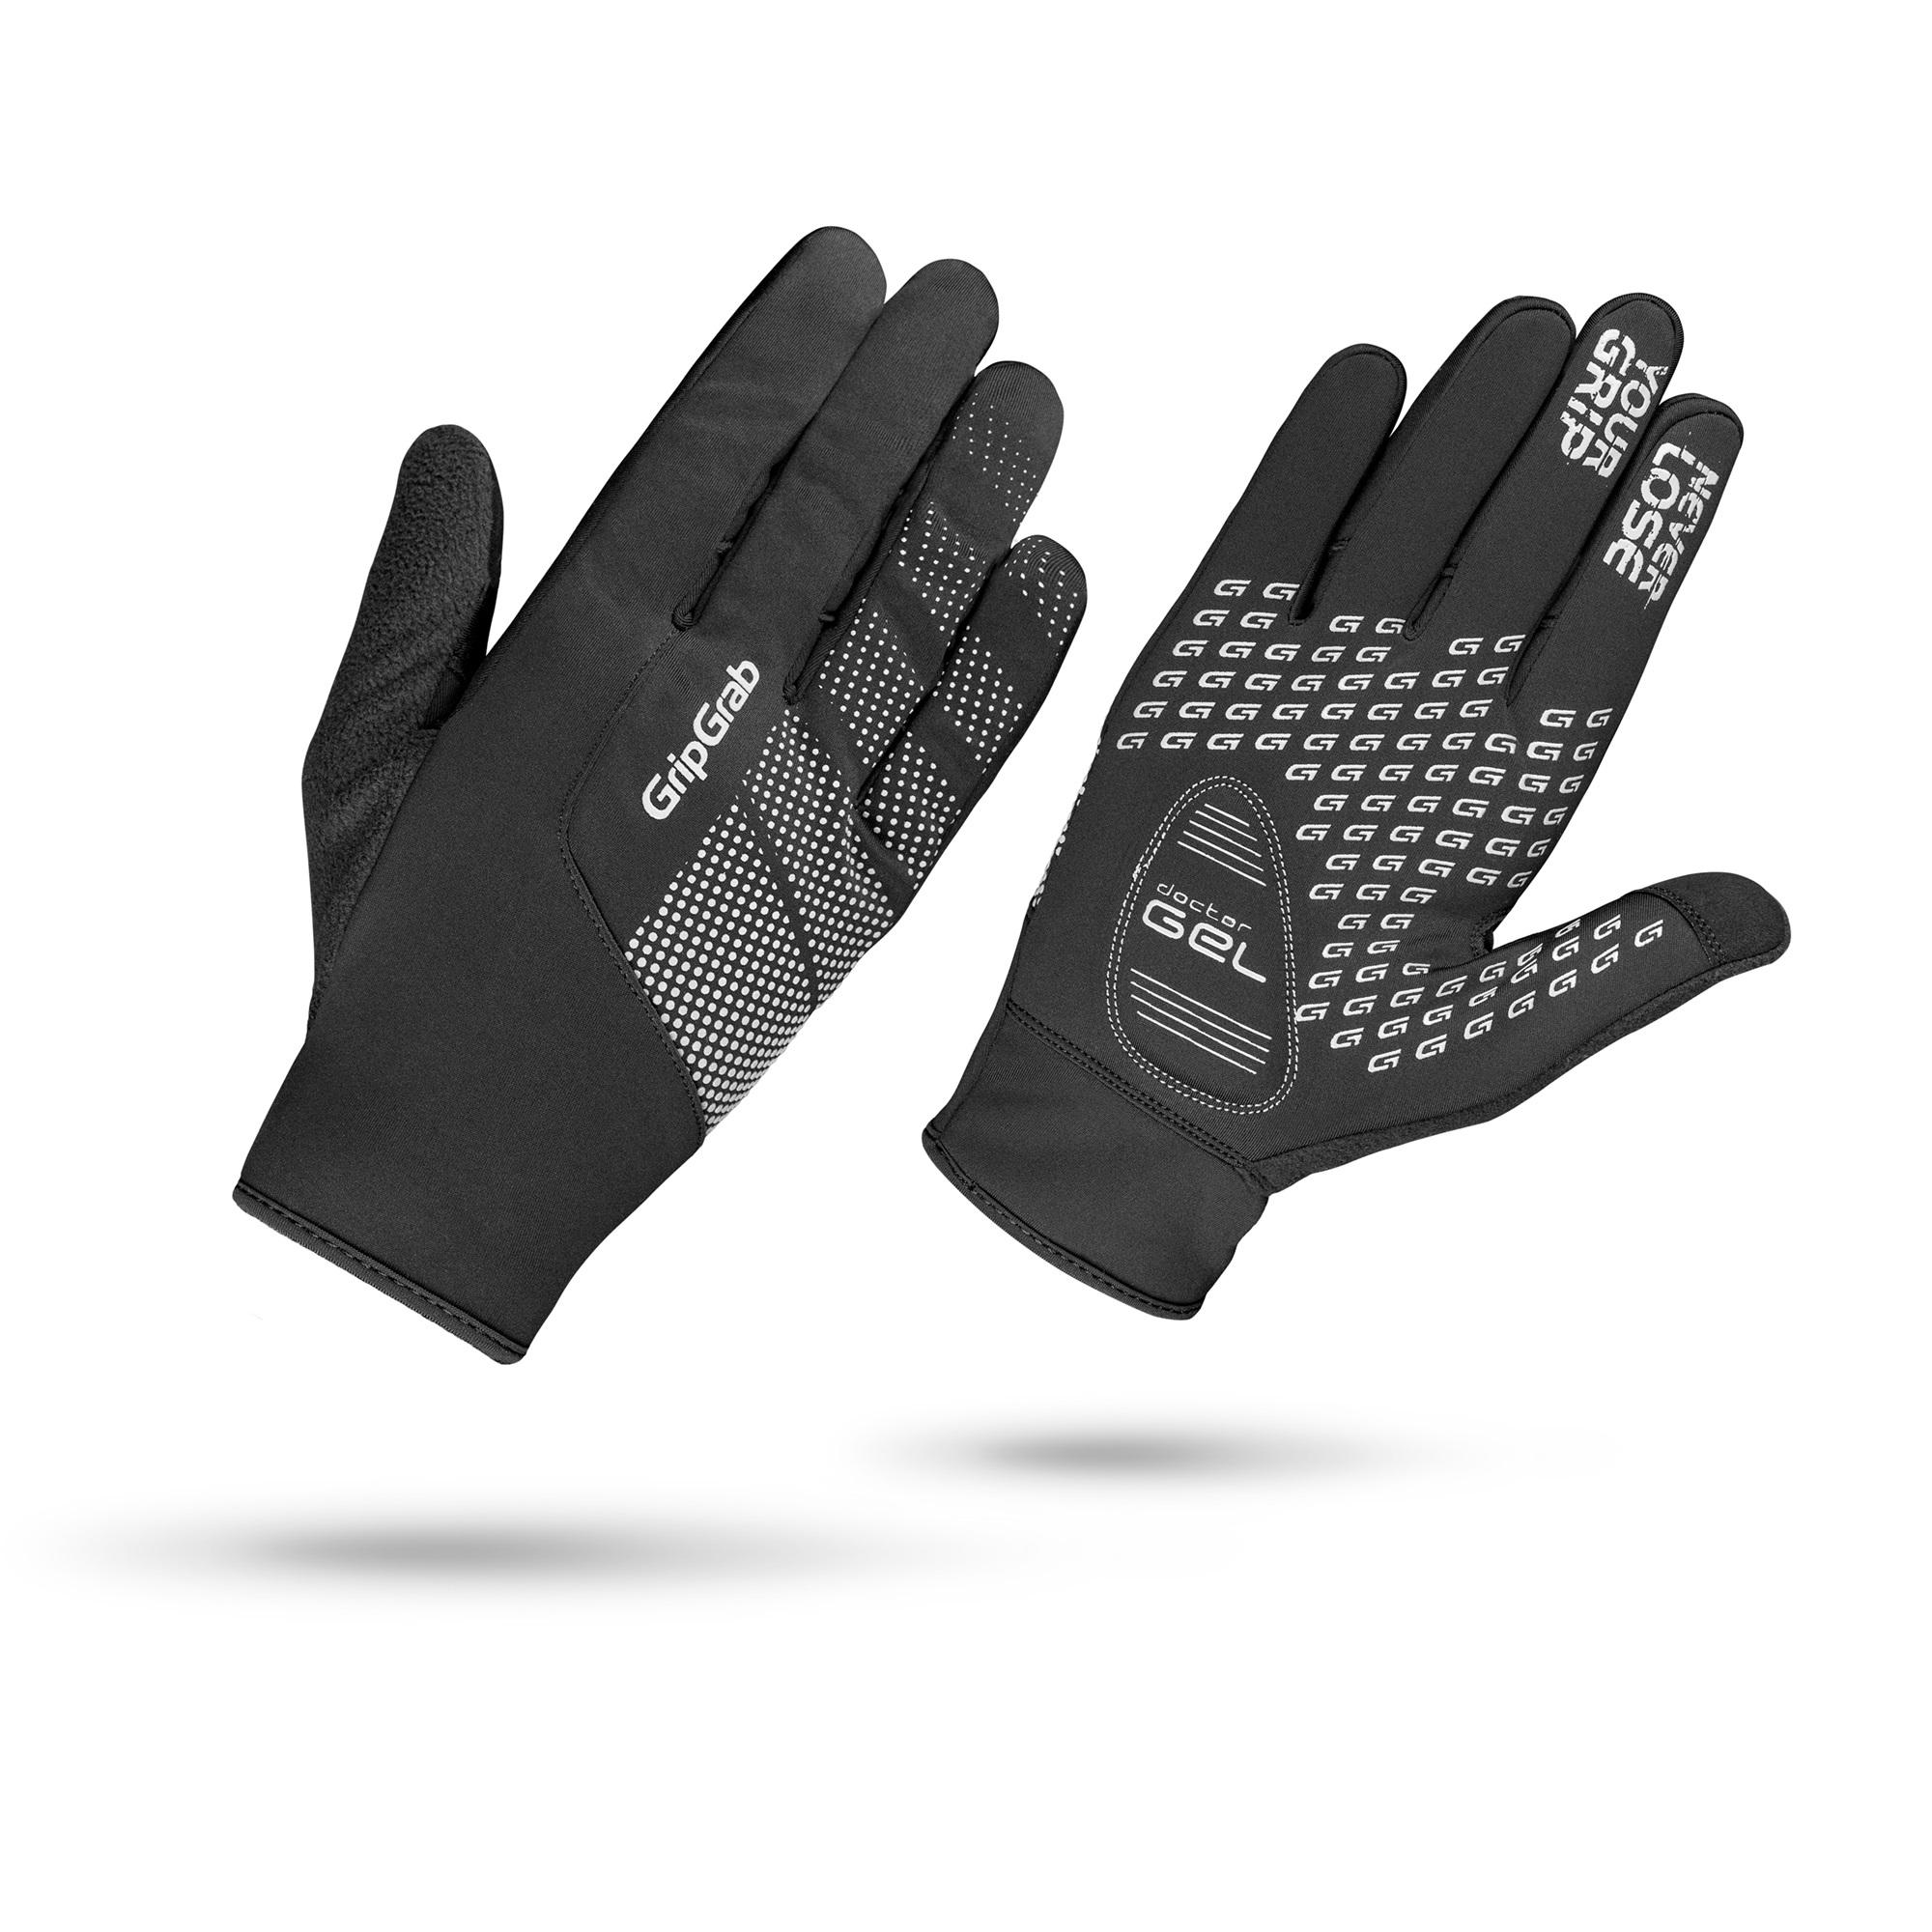 GripGrab Ride vindtætte handsker | Handsker